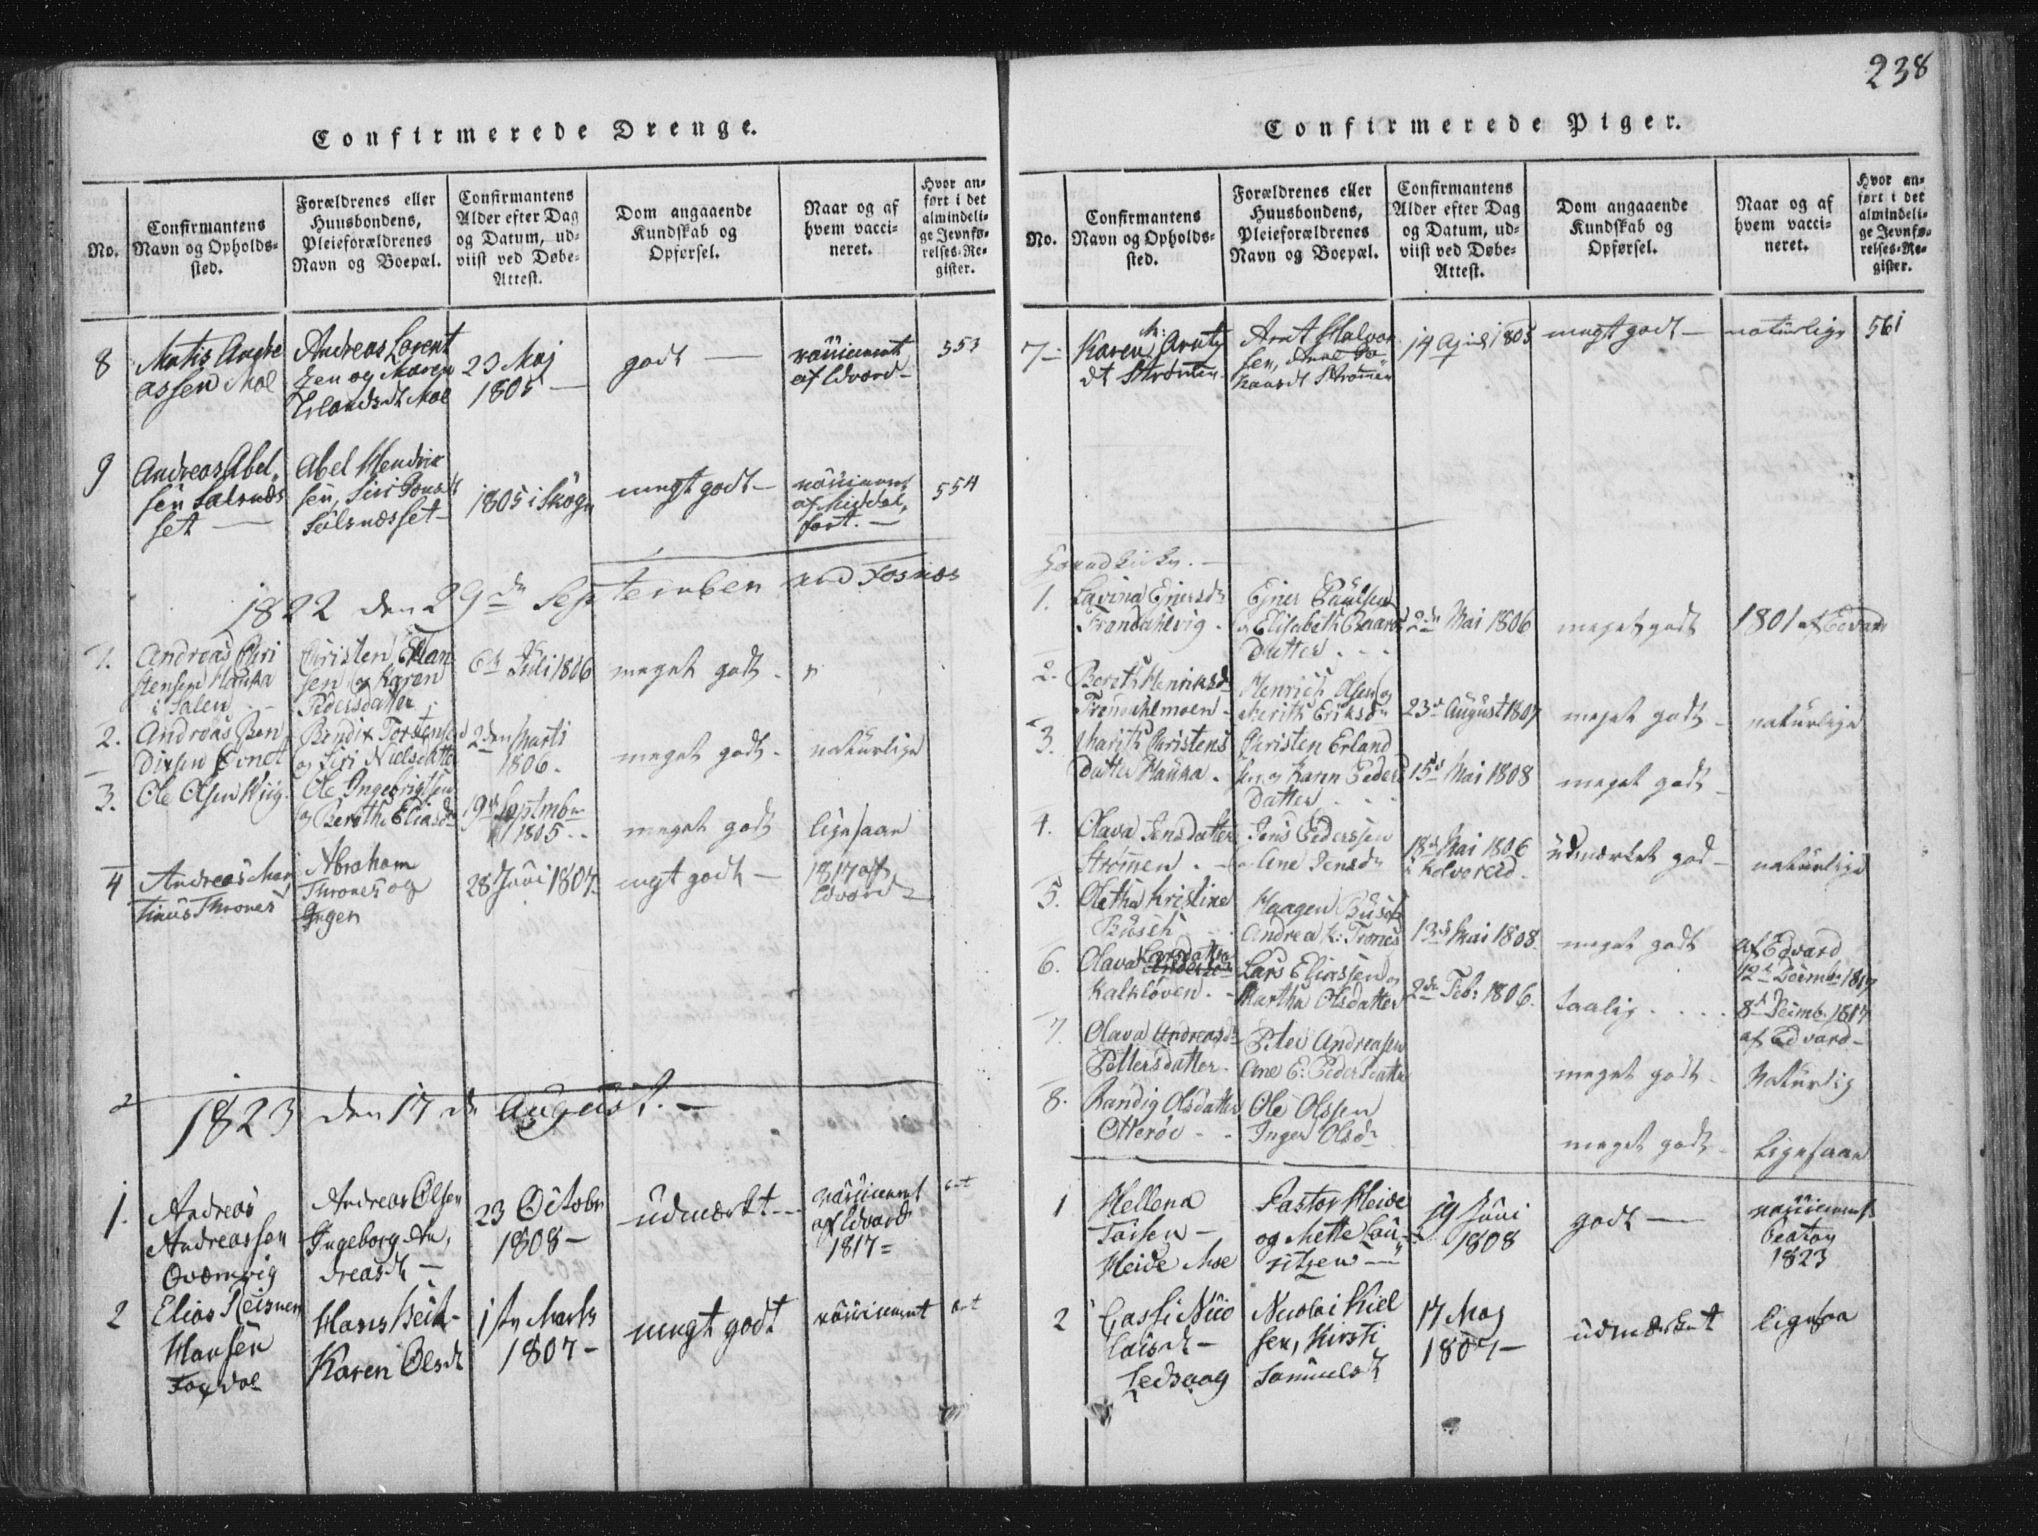 SAT, Ministerialprotokoller, klokkerbøker og fødselsregistre - Nord-Trøndelag, 773/L0609: Ministerialbok nr. 773A03 /1, 1815-1830, s. 238